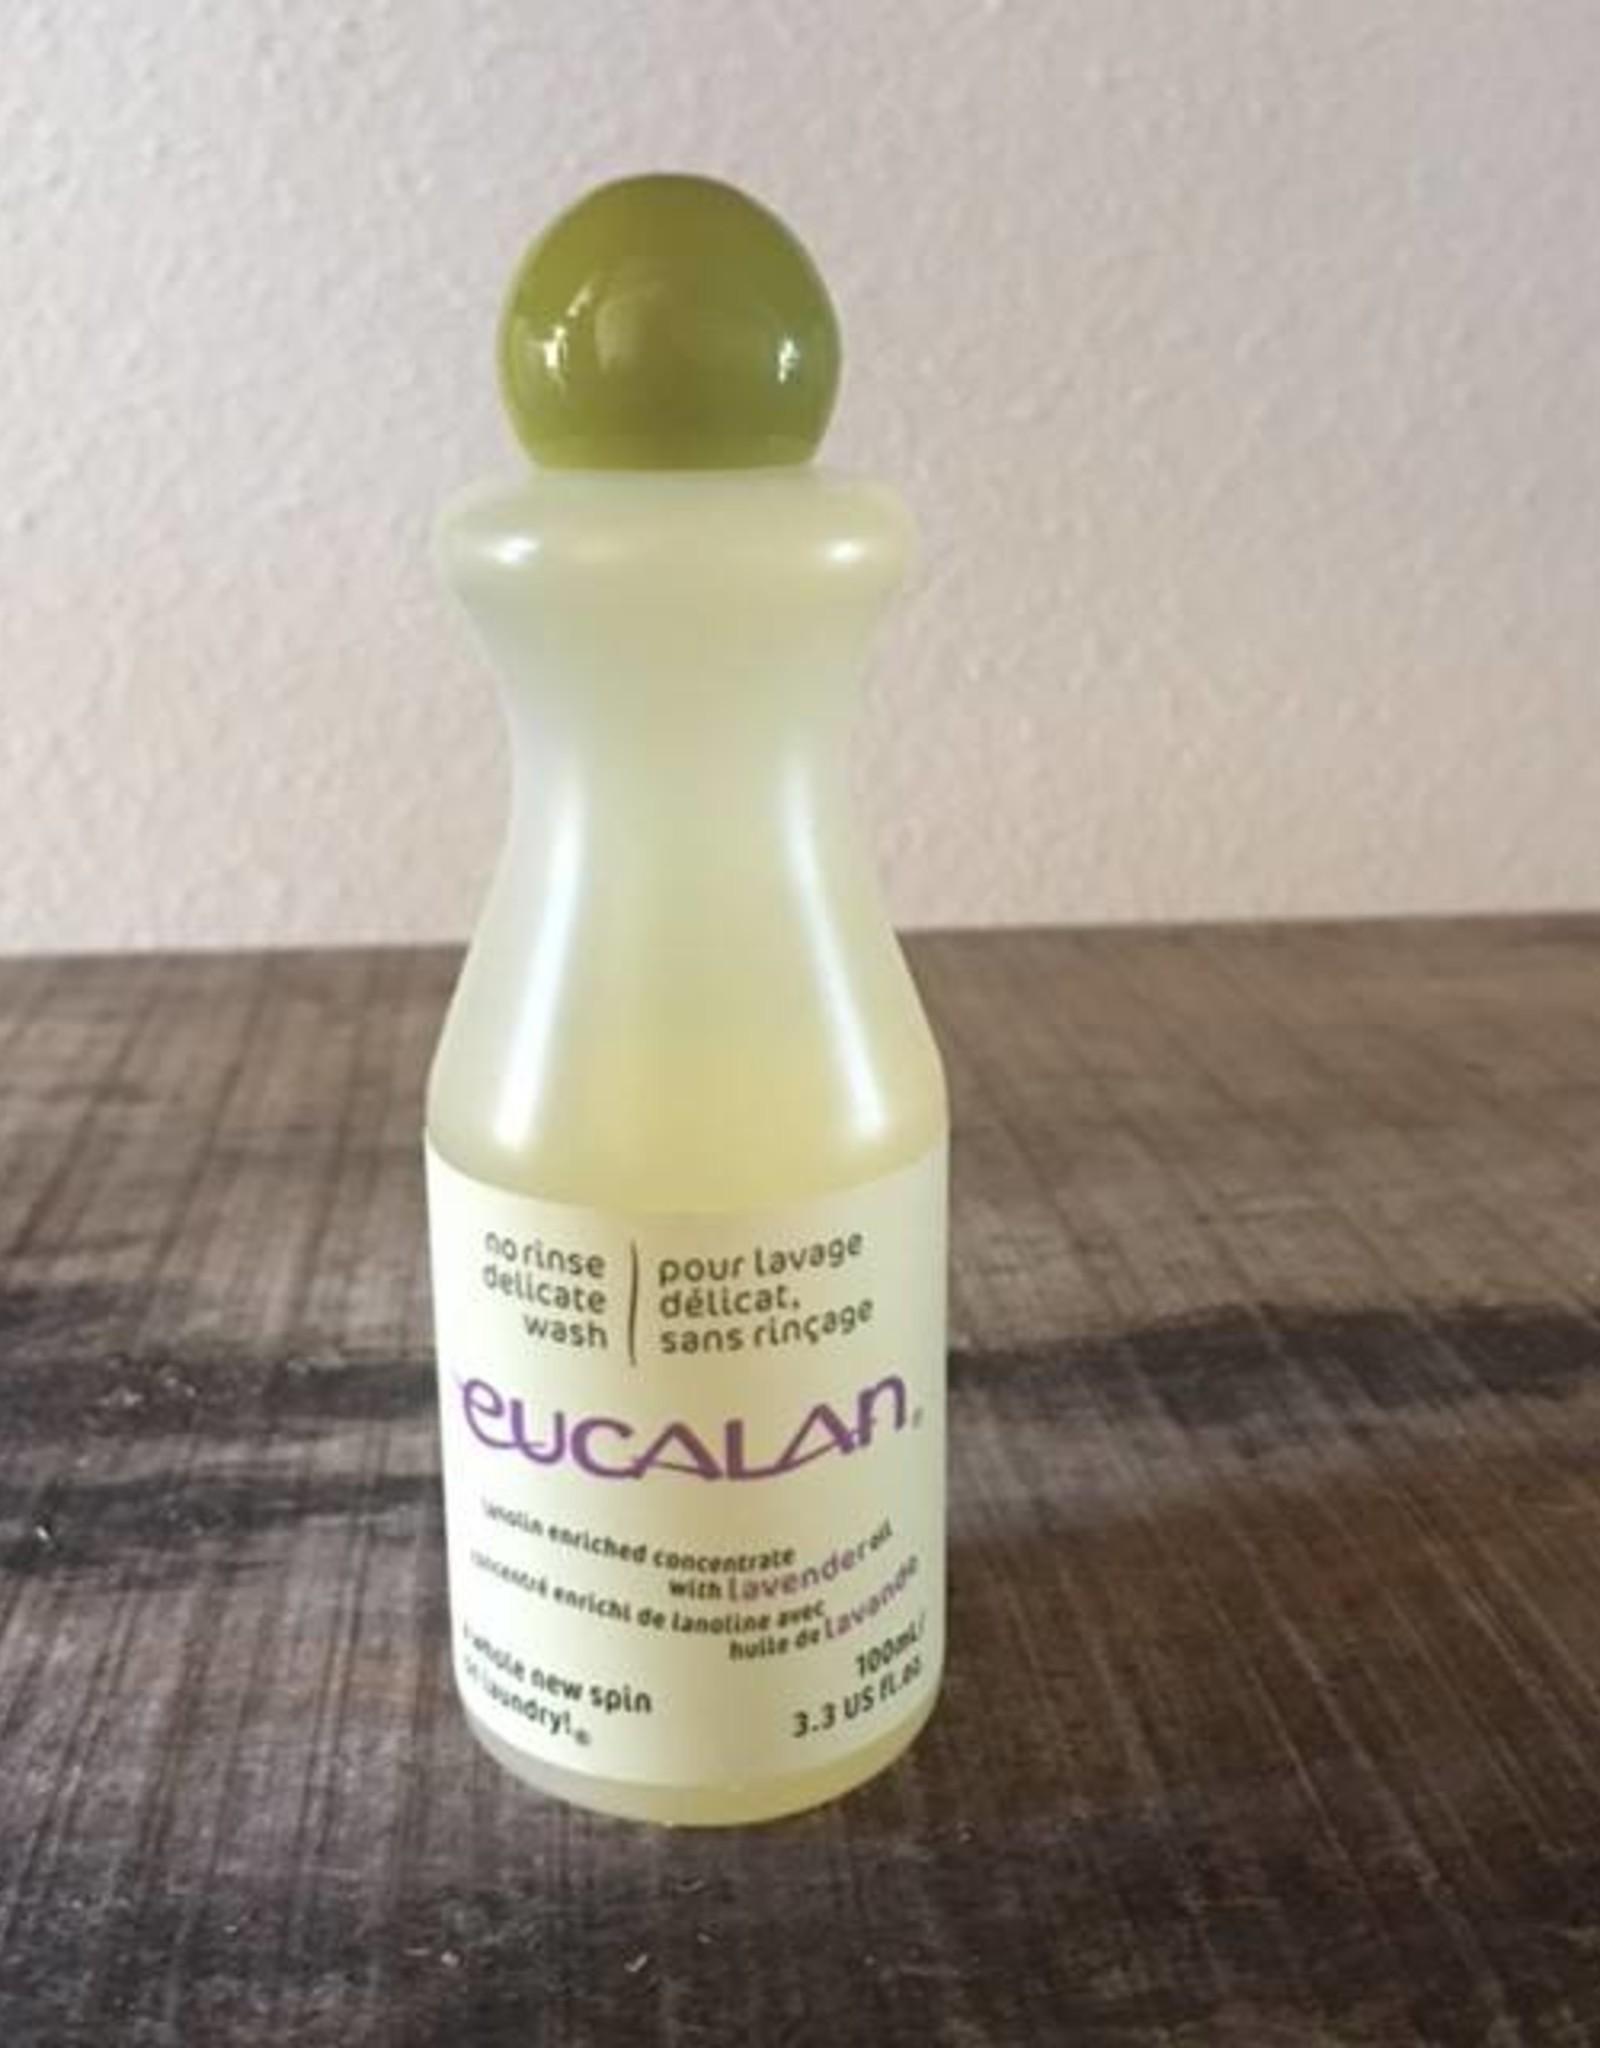 Eucalan 3.3 oz